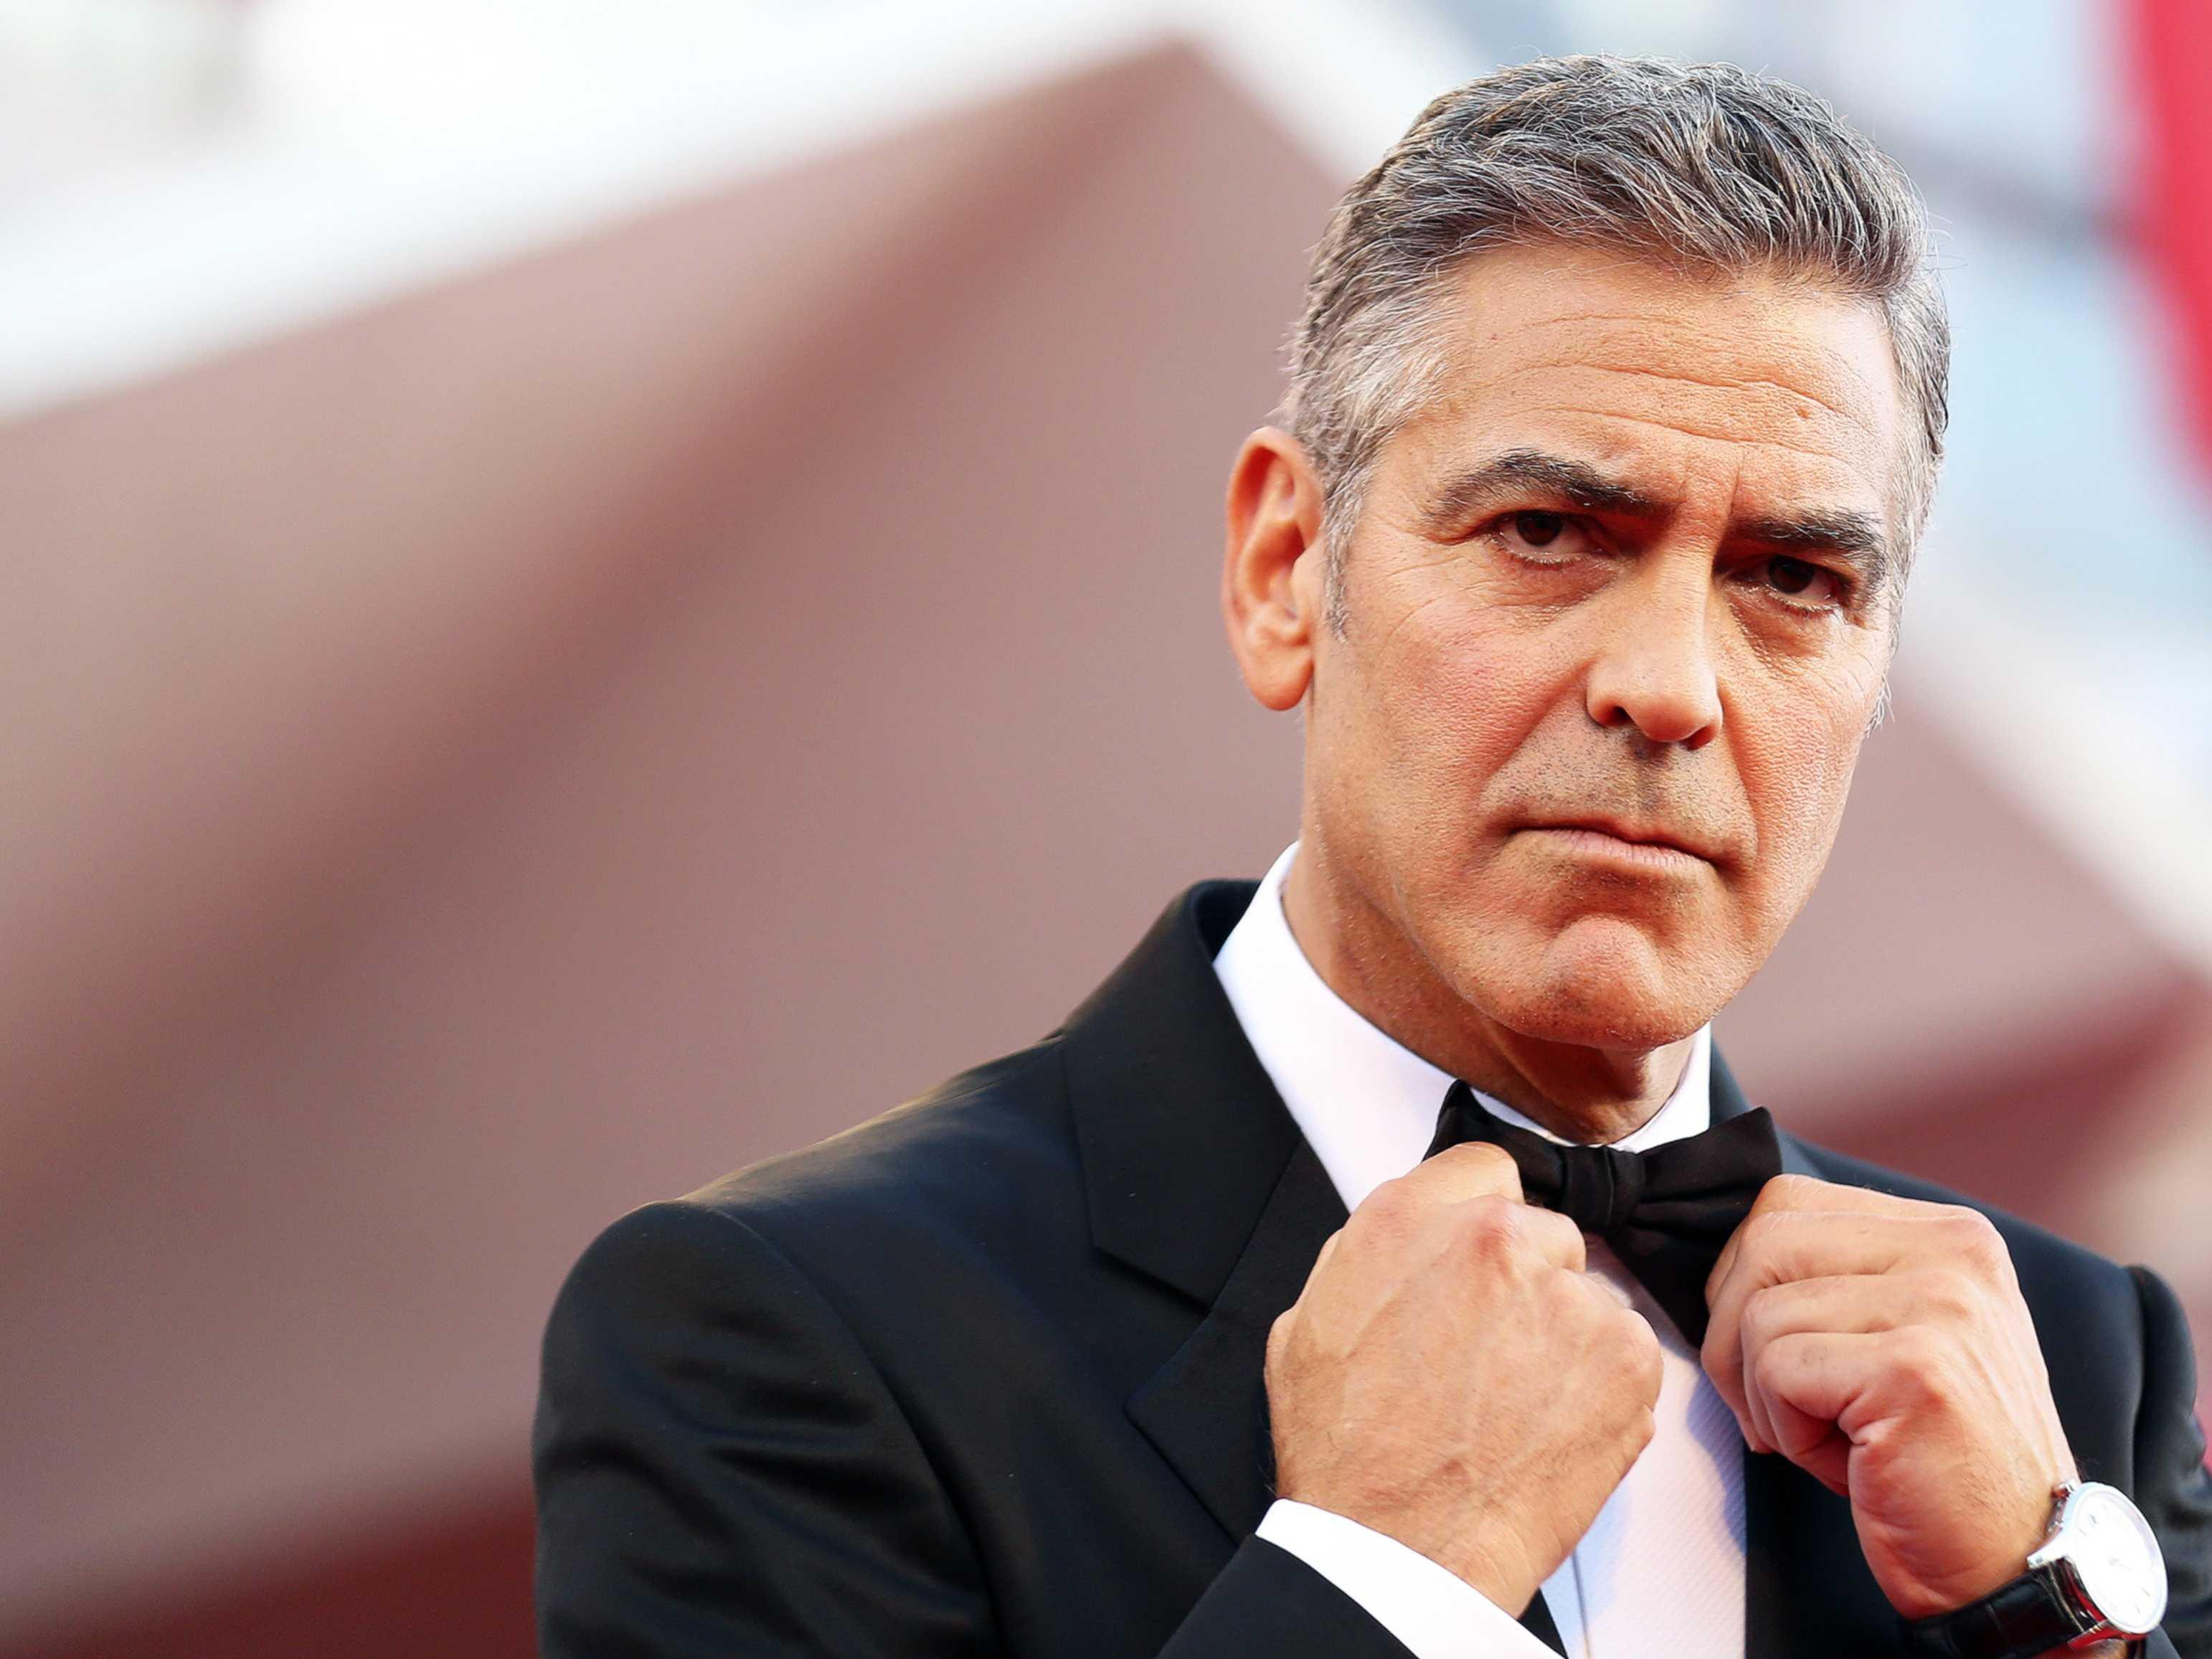 George Clooney Movie 4K Widescreen Desktop Wallpaper 1053 3084x2313